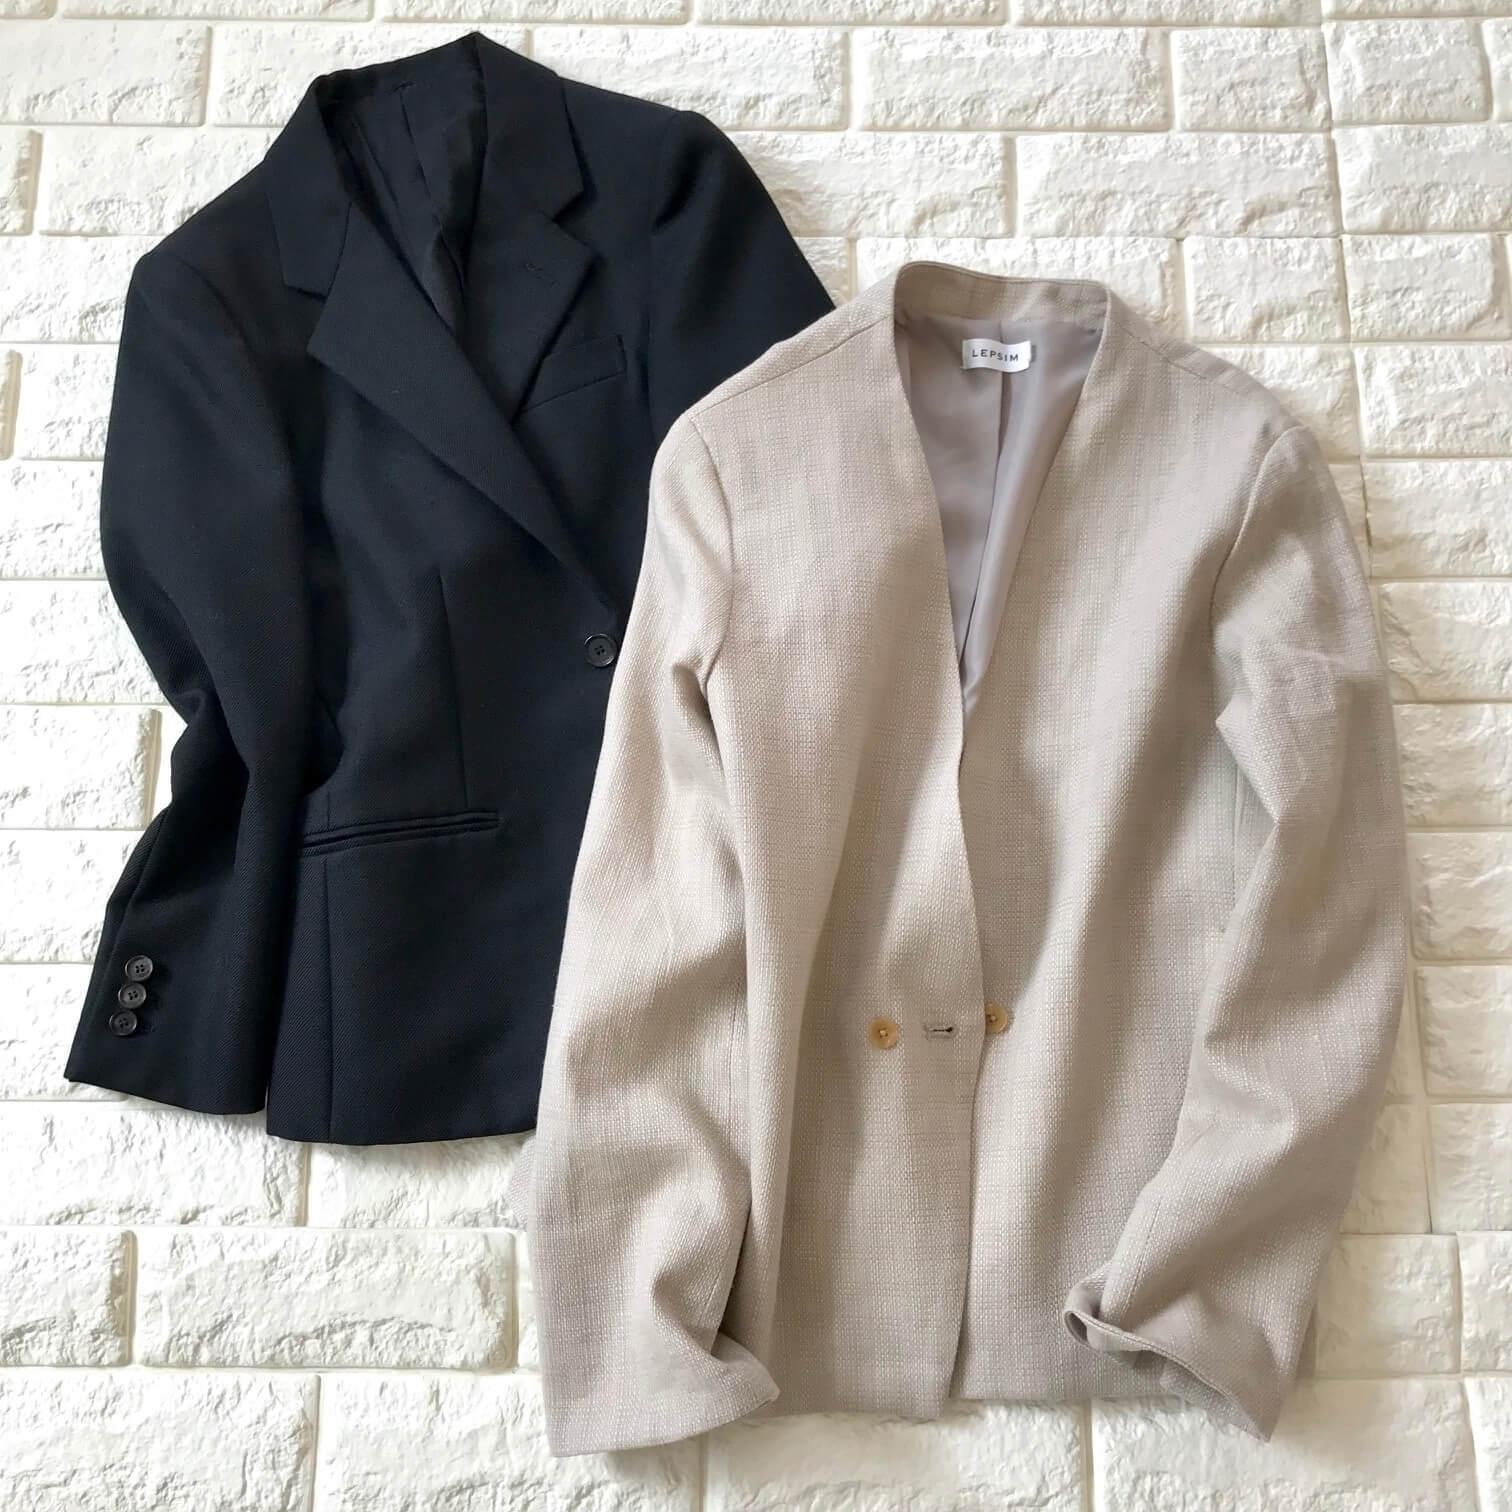 レプシィムとドゥロワーのジャケットを並べた画像